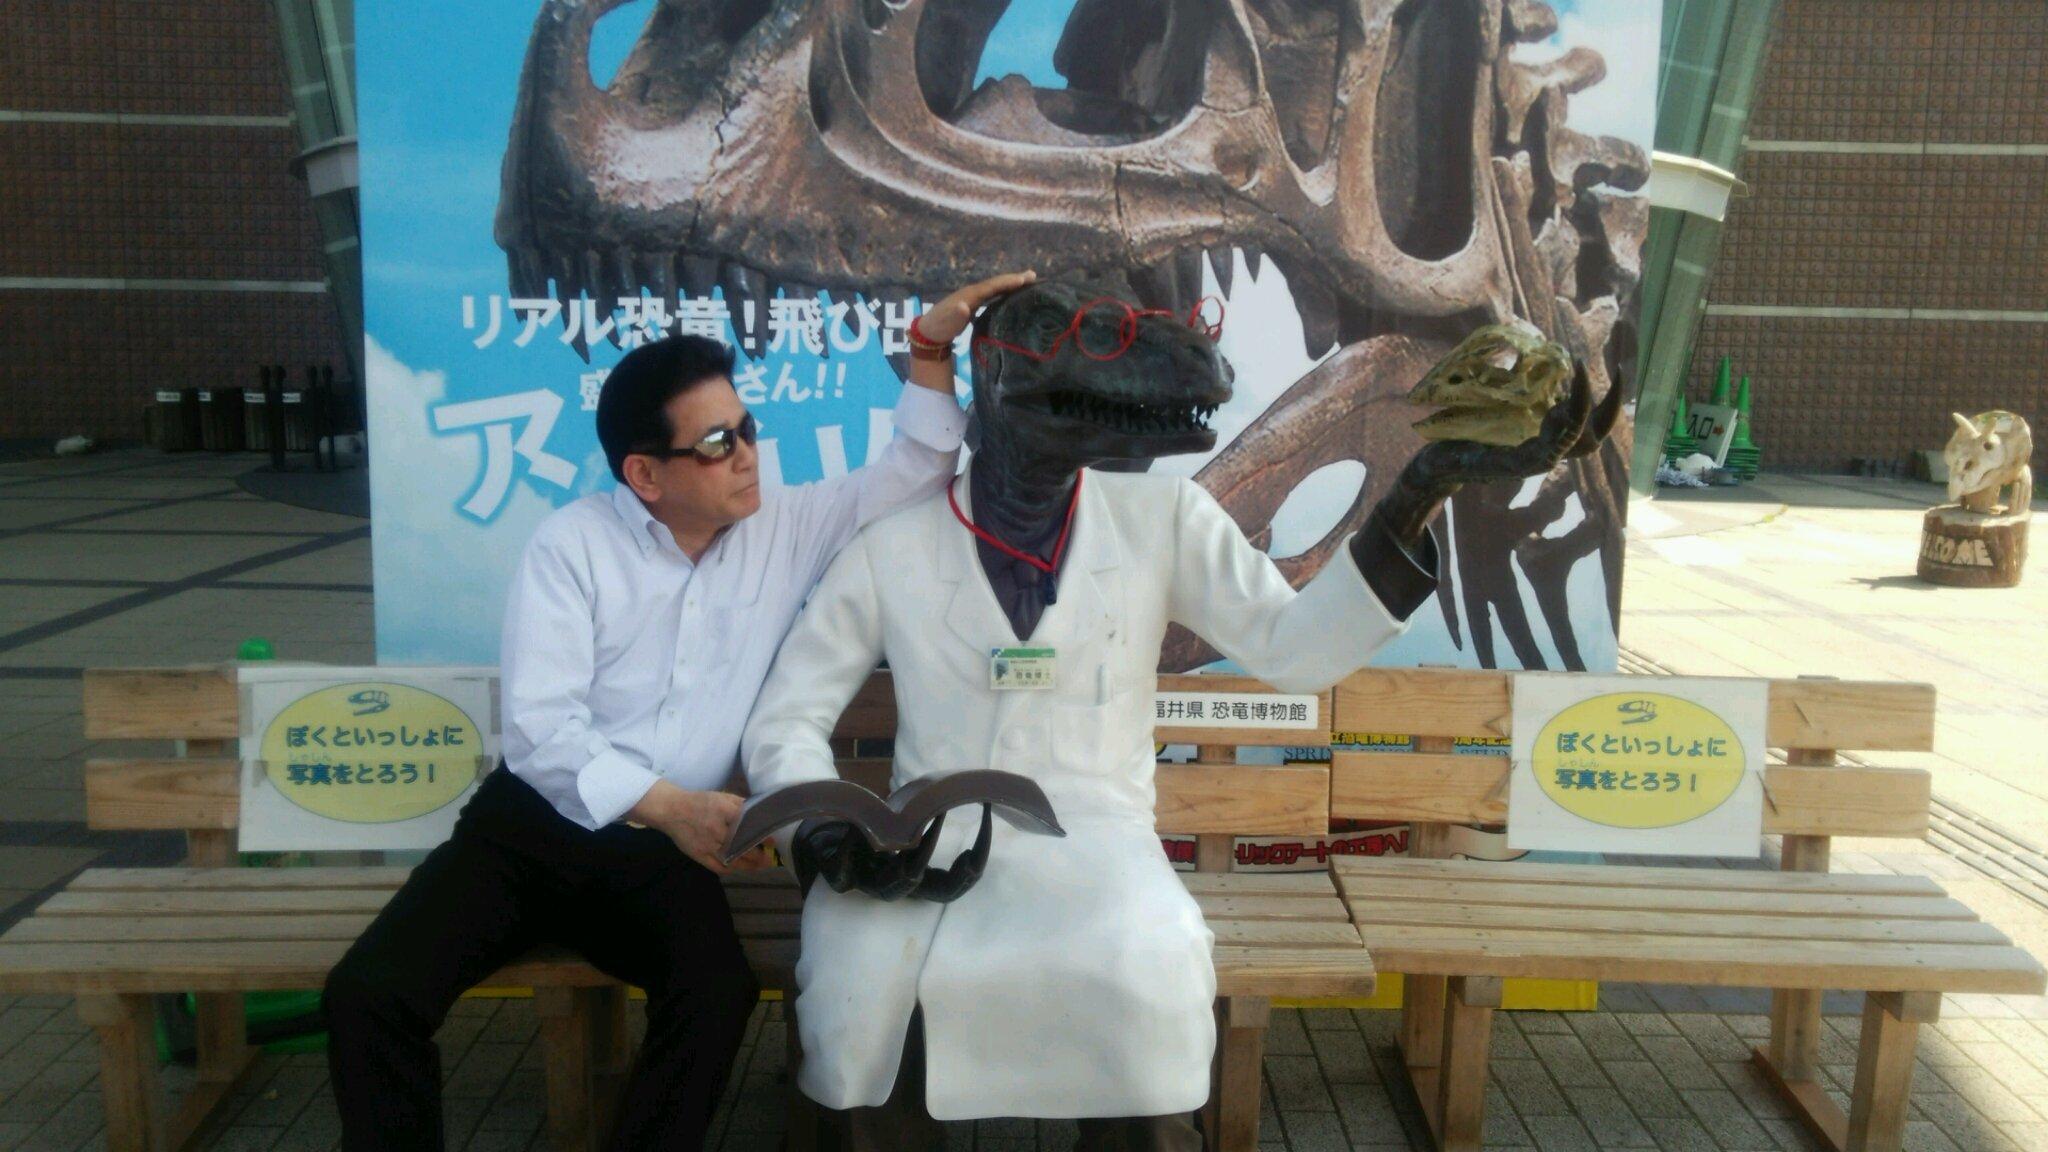 恐竜博物館へ行き、ビックリがいっぱい! 福井は最高!_e0119092_11033745.jpg